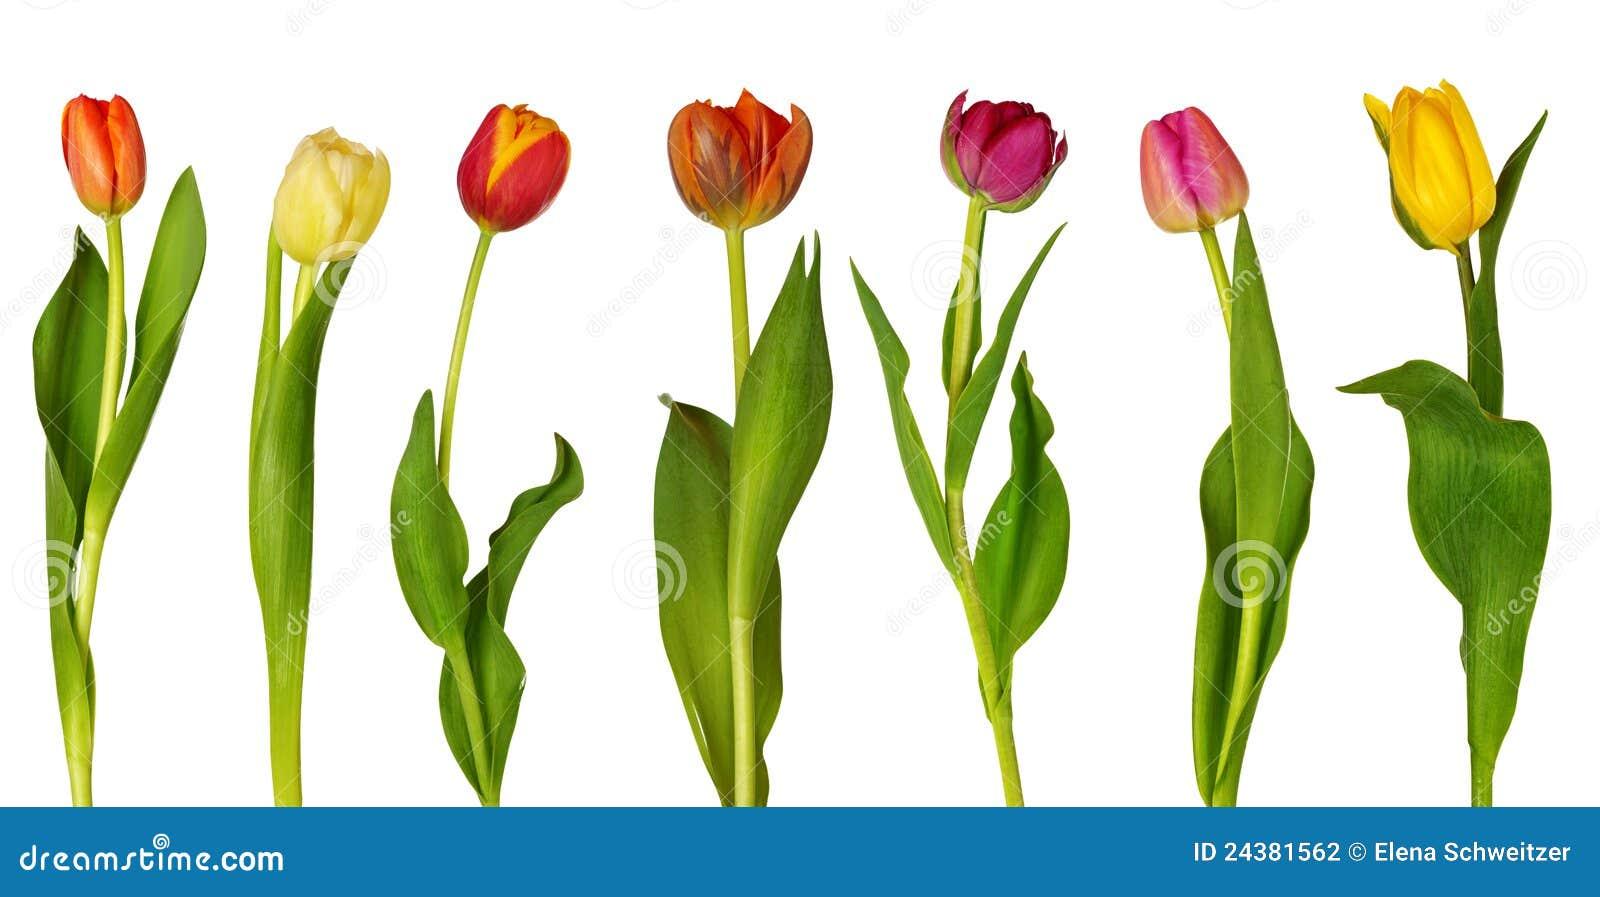 bunte tulpen stockfoto bild von orange blume sch n 24381562. Black Bedroom Furniture Sets. Home Design Ideas